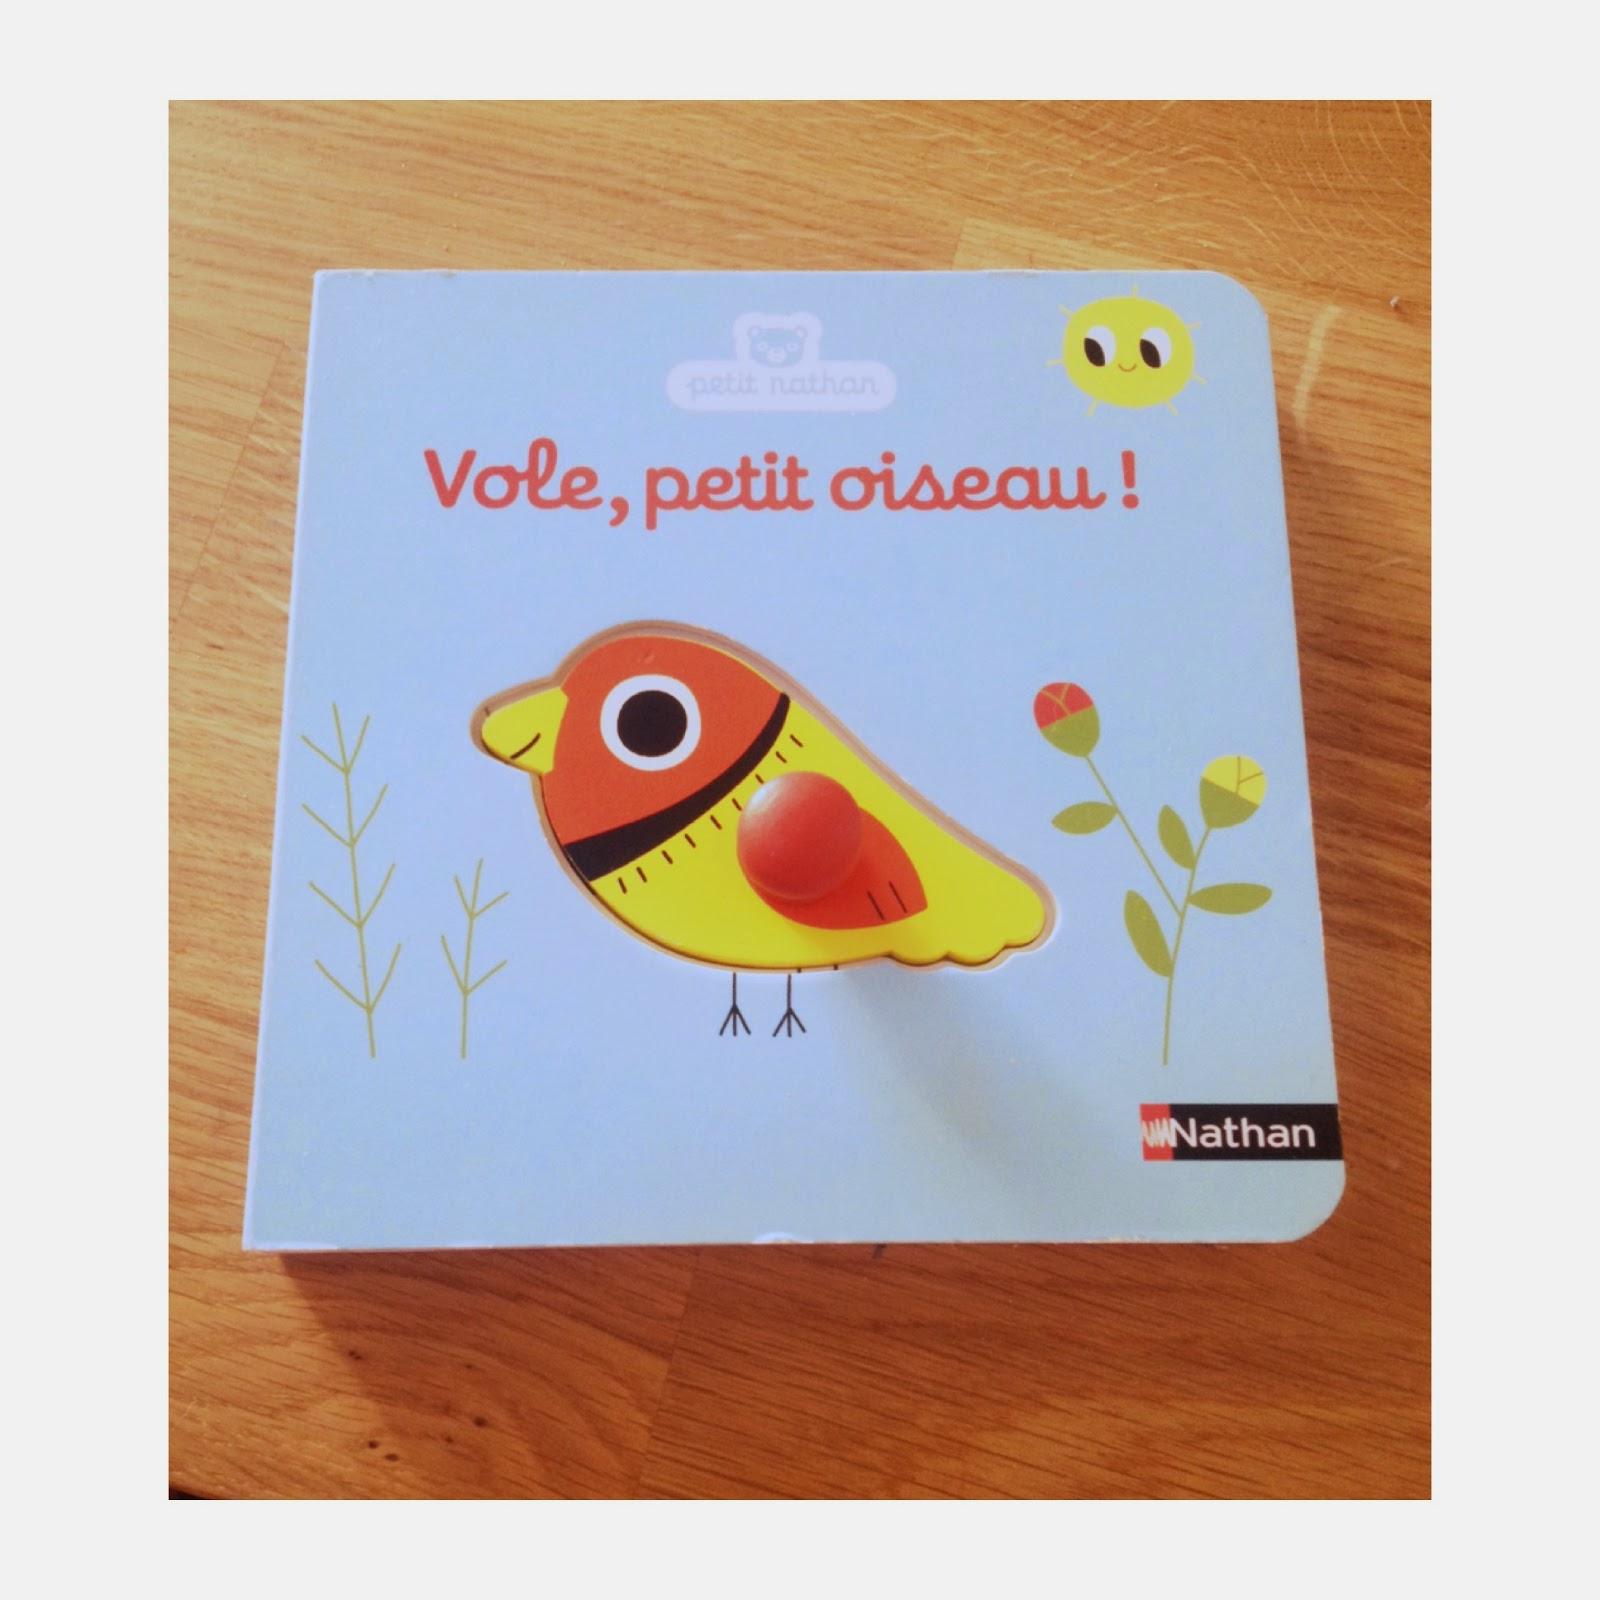 Trotte Souris, Trotte! Et Vole, Petit Oiseau! [Éveil] dedans Vol Petit Oiseau